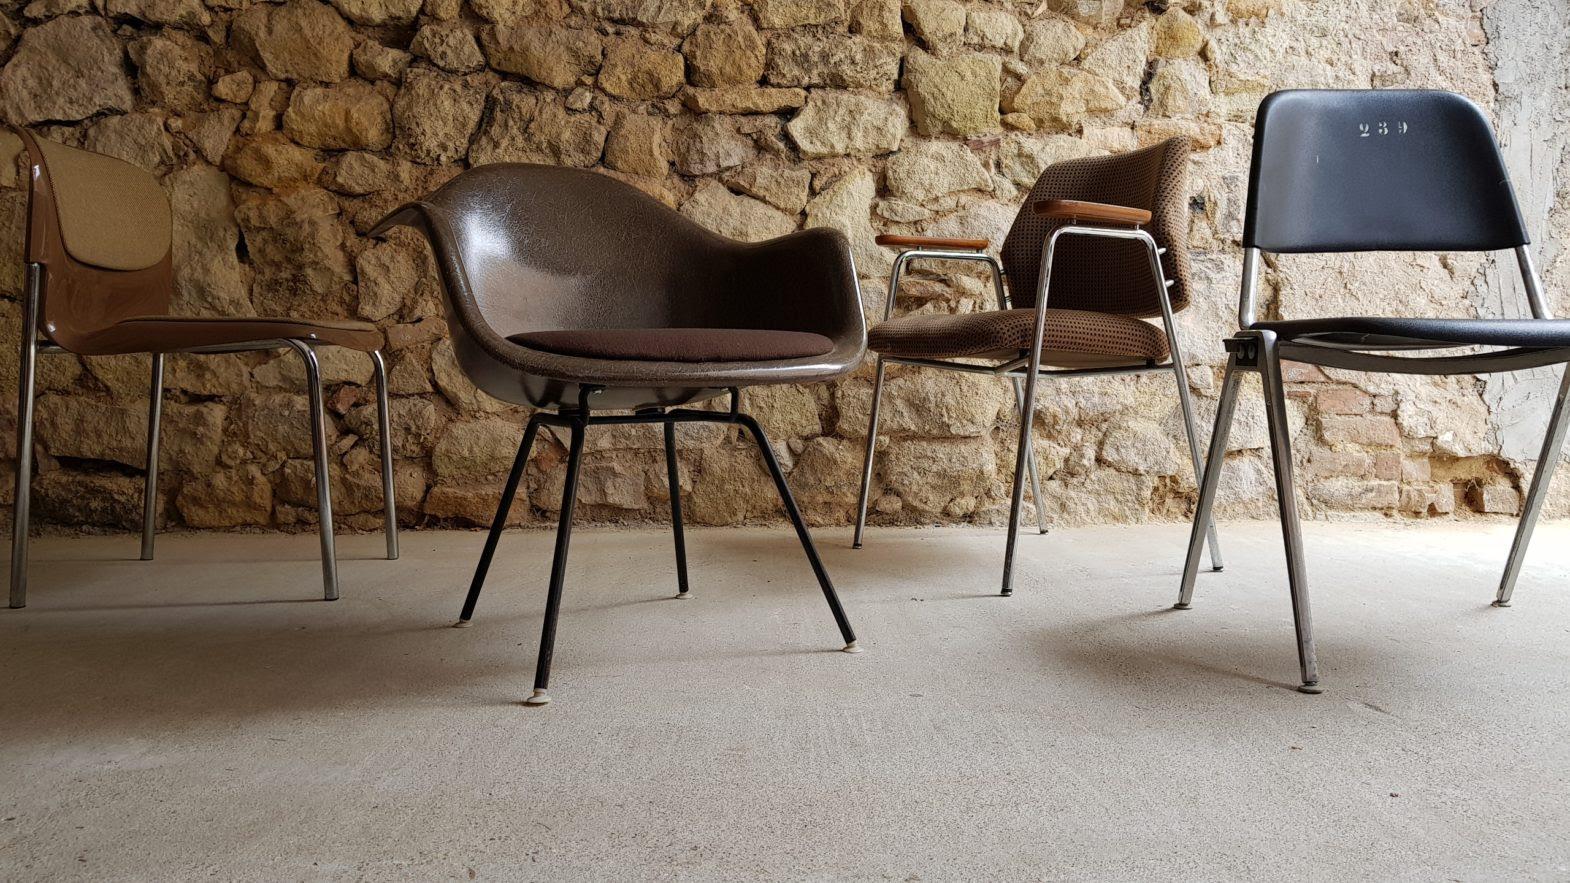 design ikonen | gebrauchte vintage stühle | mid-century modern